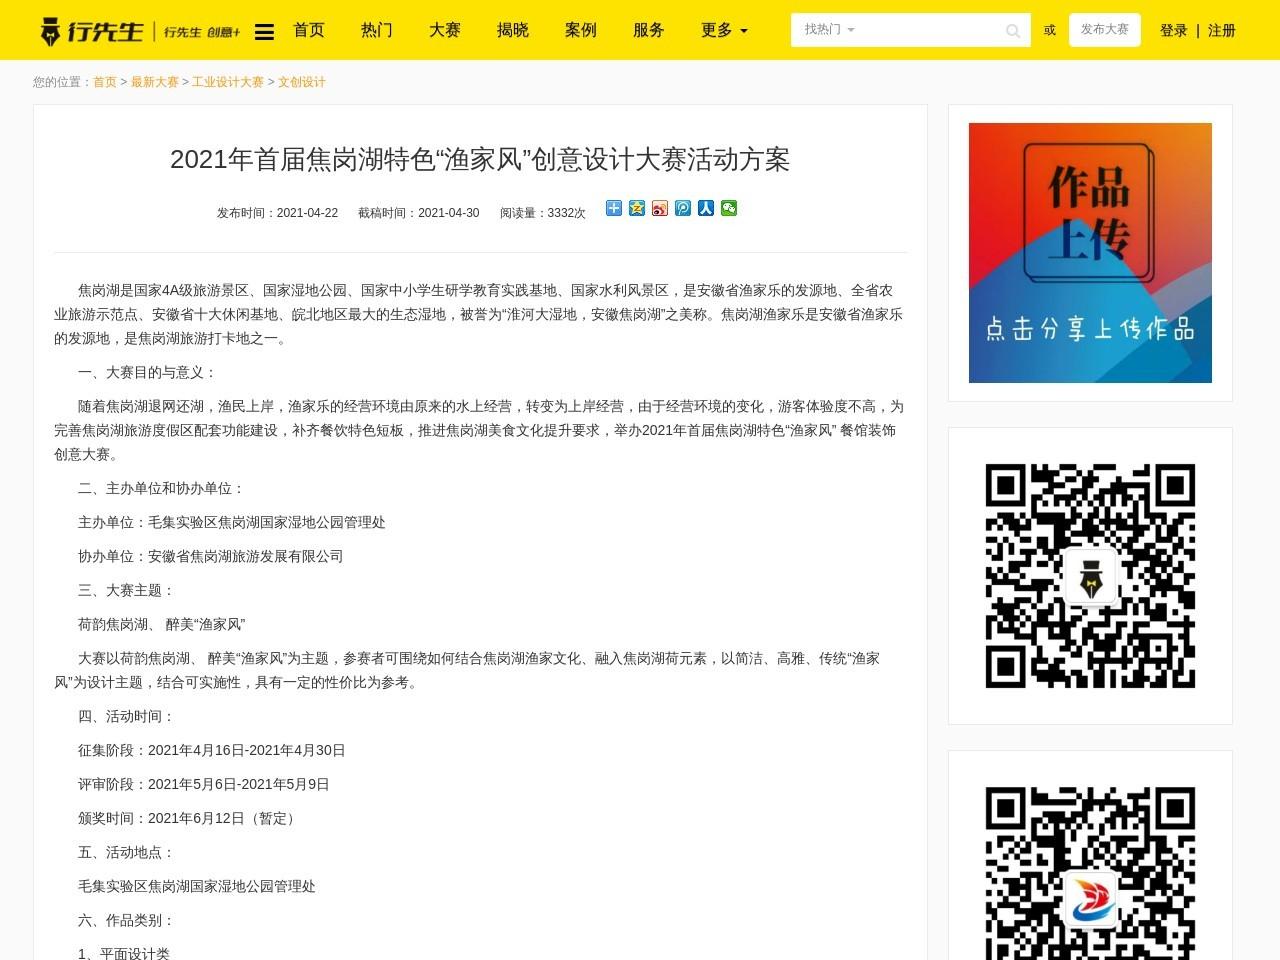 """2021年首届焦岗湖特色""""渔家风""""创意设计大赛活动方案"""